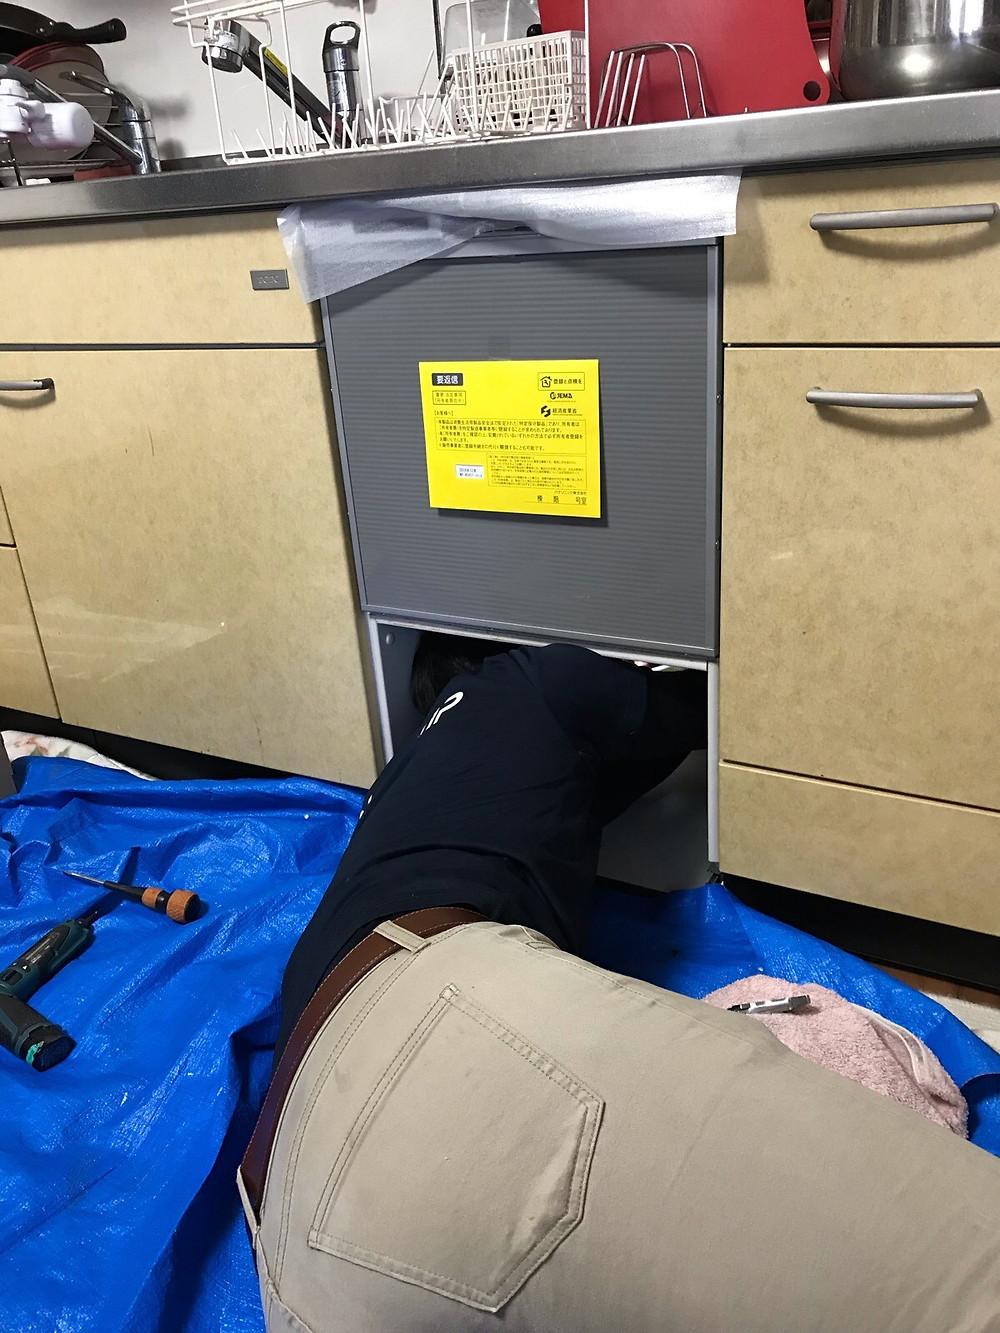 下準備の後、新しい衣食器洗い機をはめ込み、配管の接続を行っているところです。